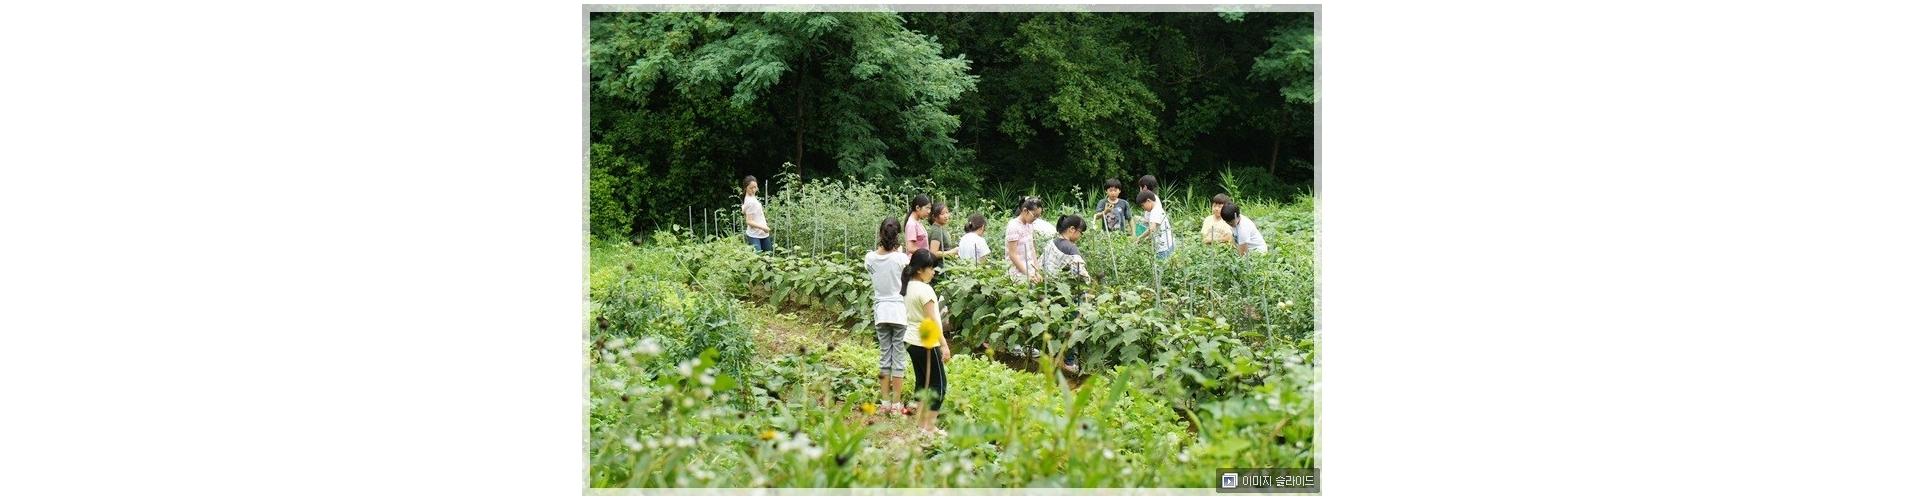 2013.7.17 푸른숲 종강